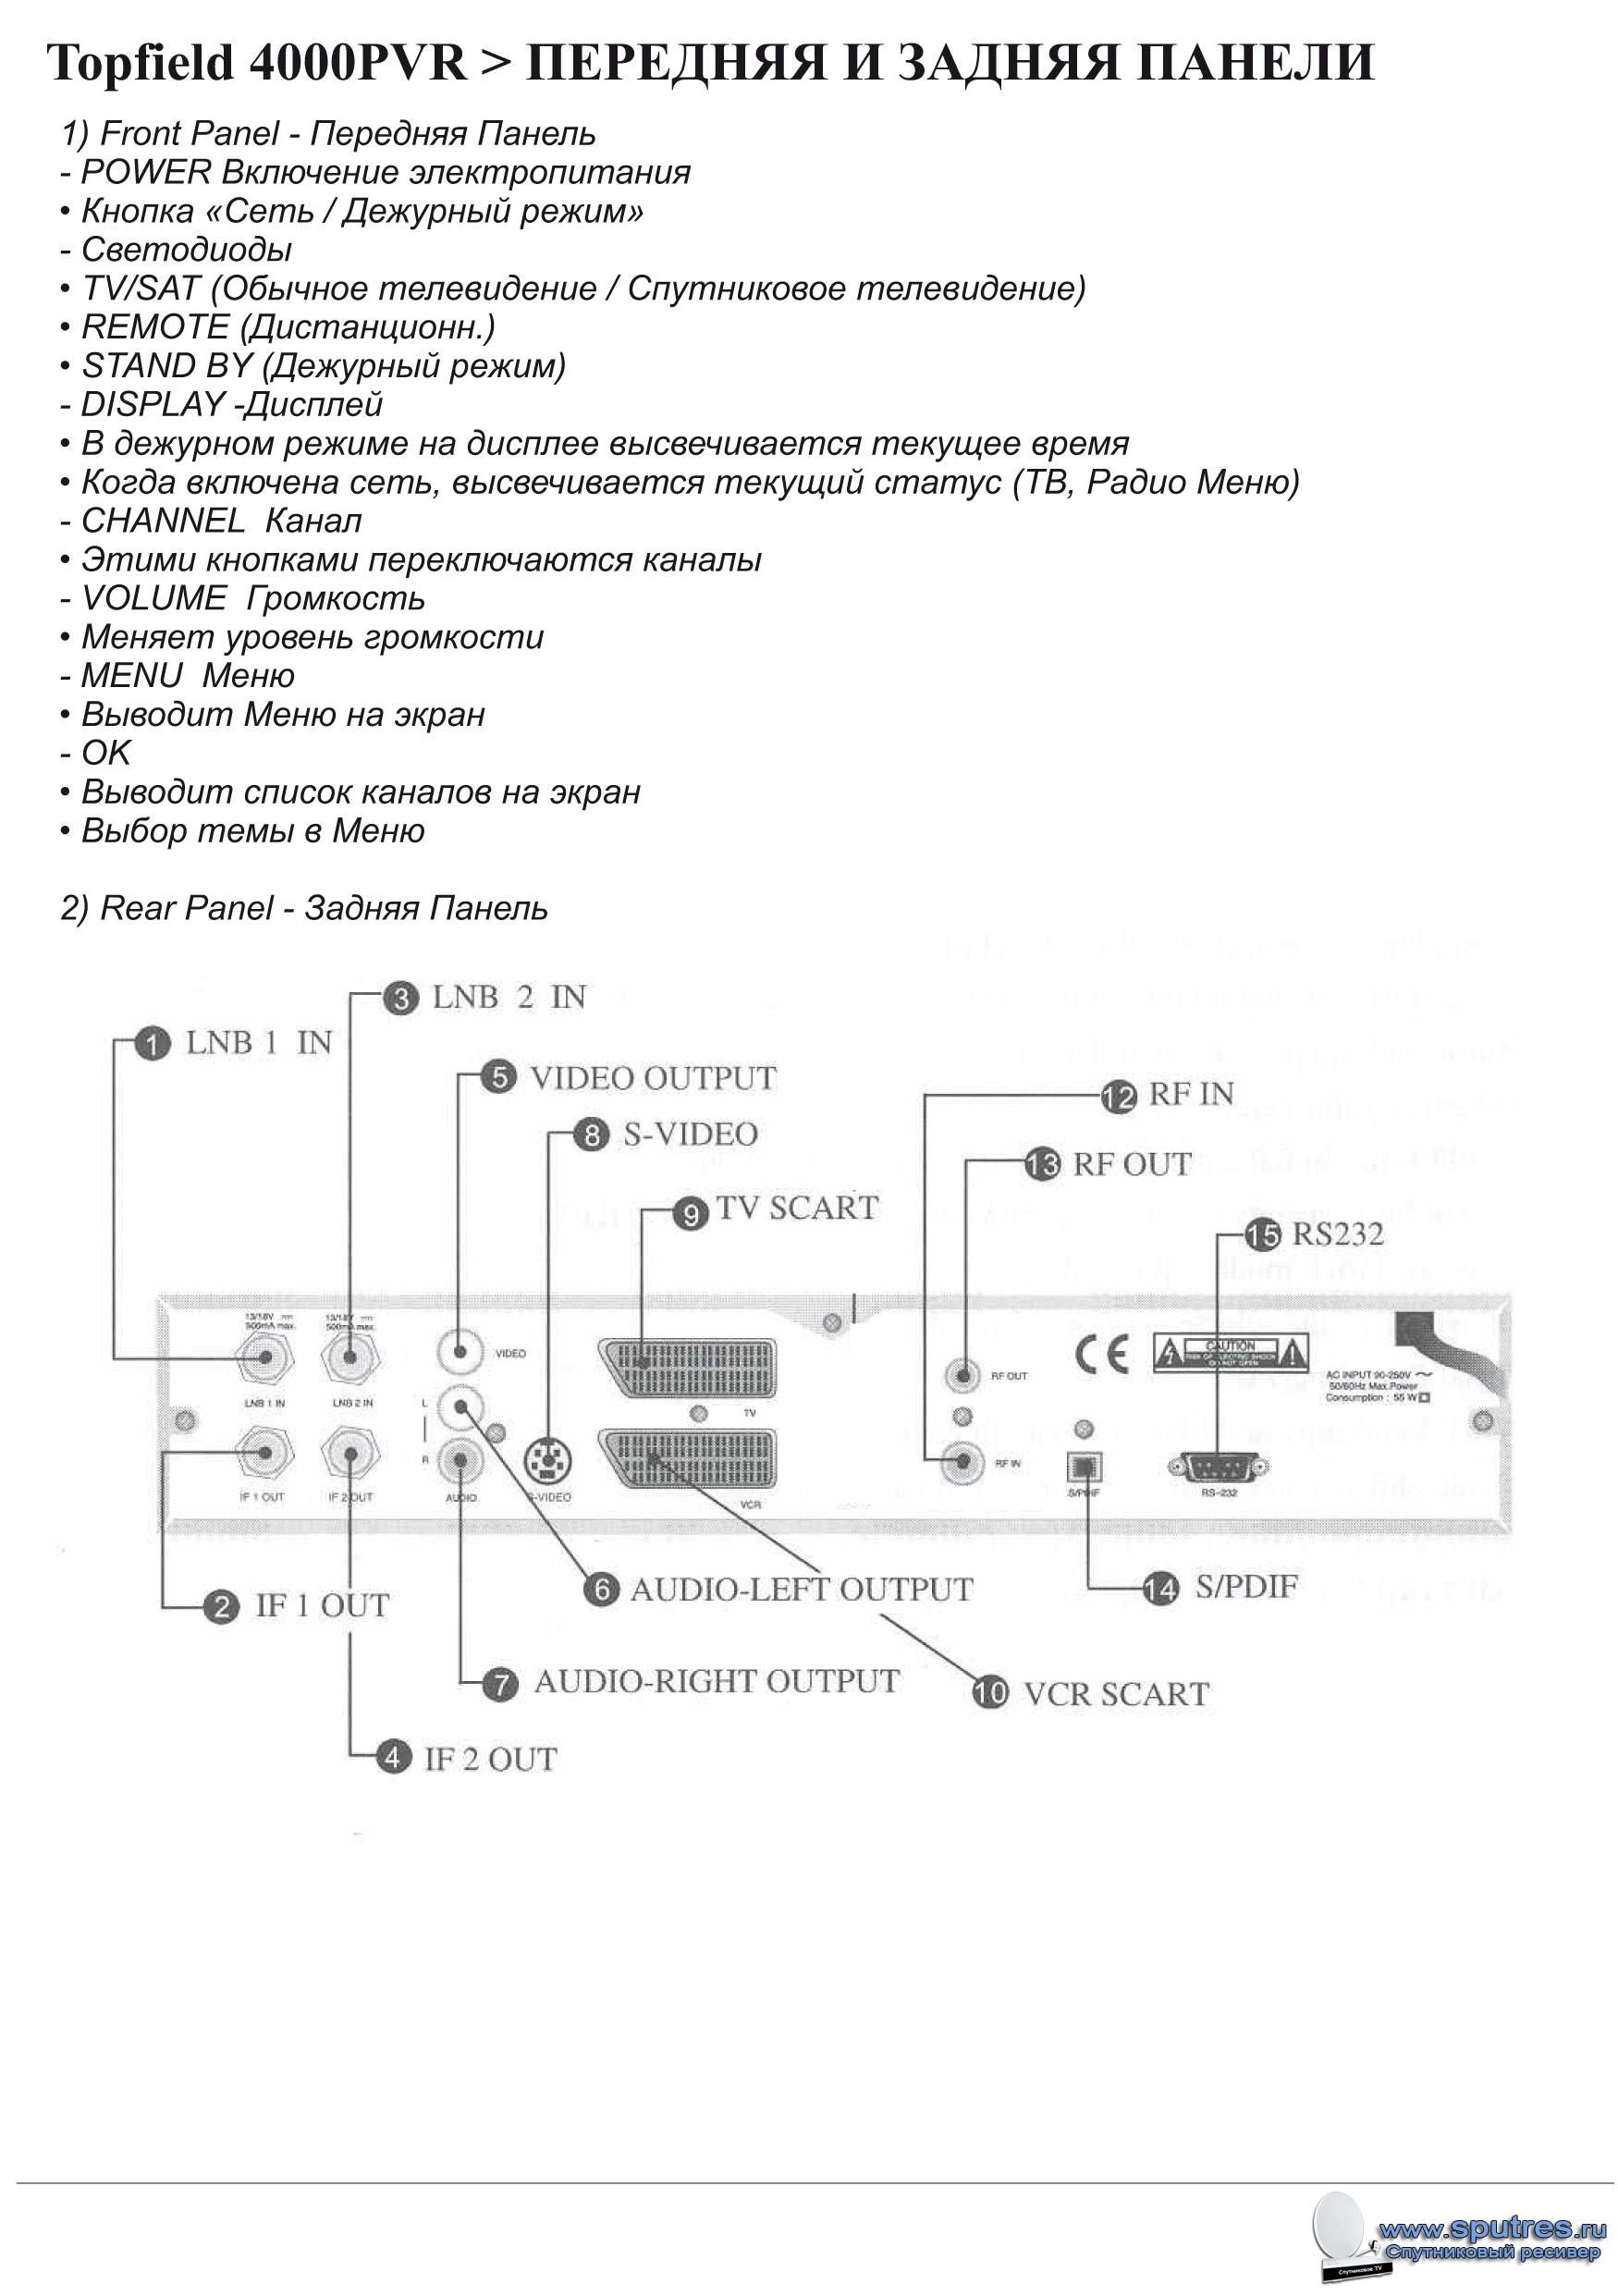 Инструкцию по эксплуатации ресивера